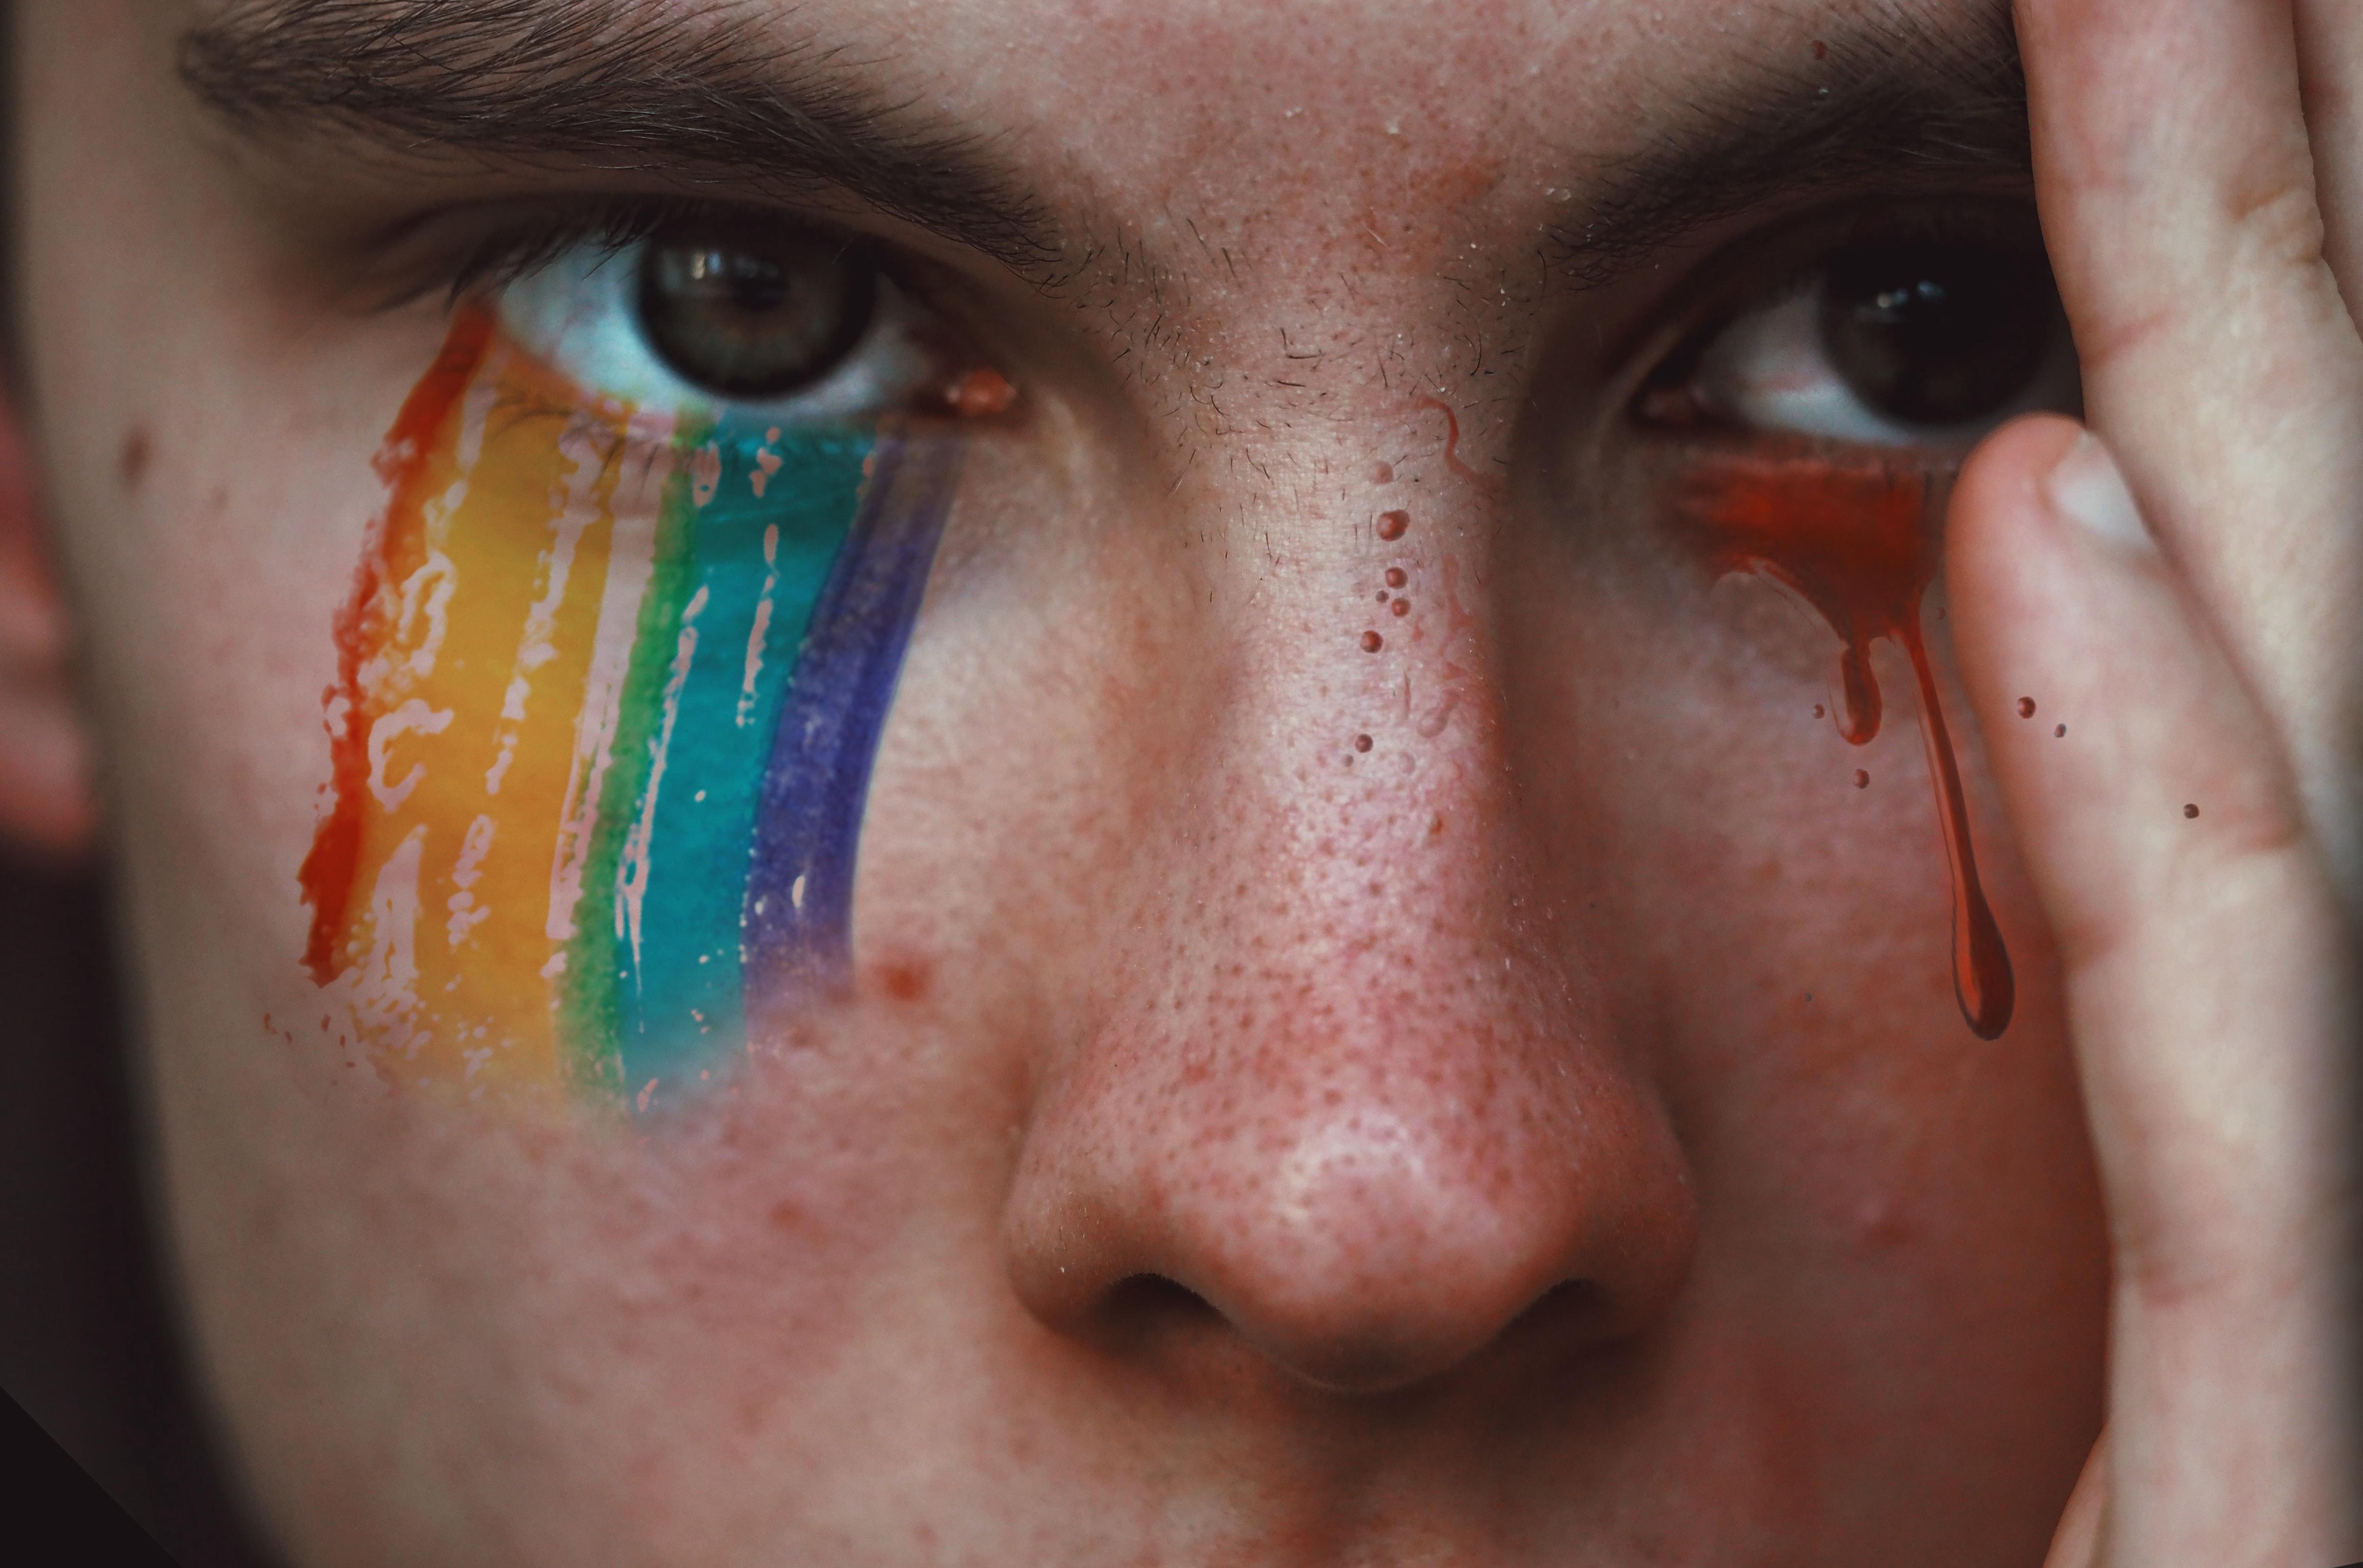 Encarregado consegue aumentar valor de indenização após situação de homofobia